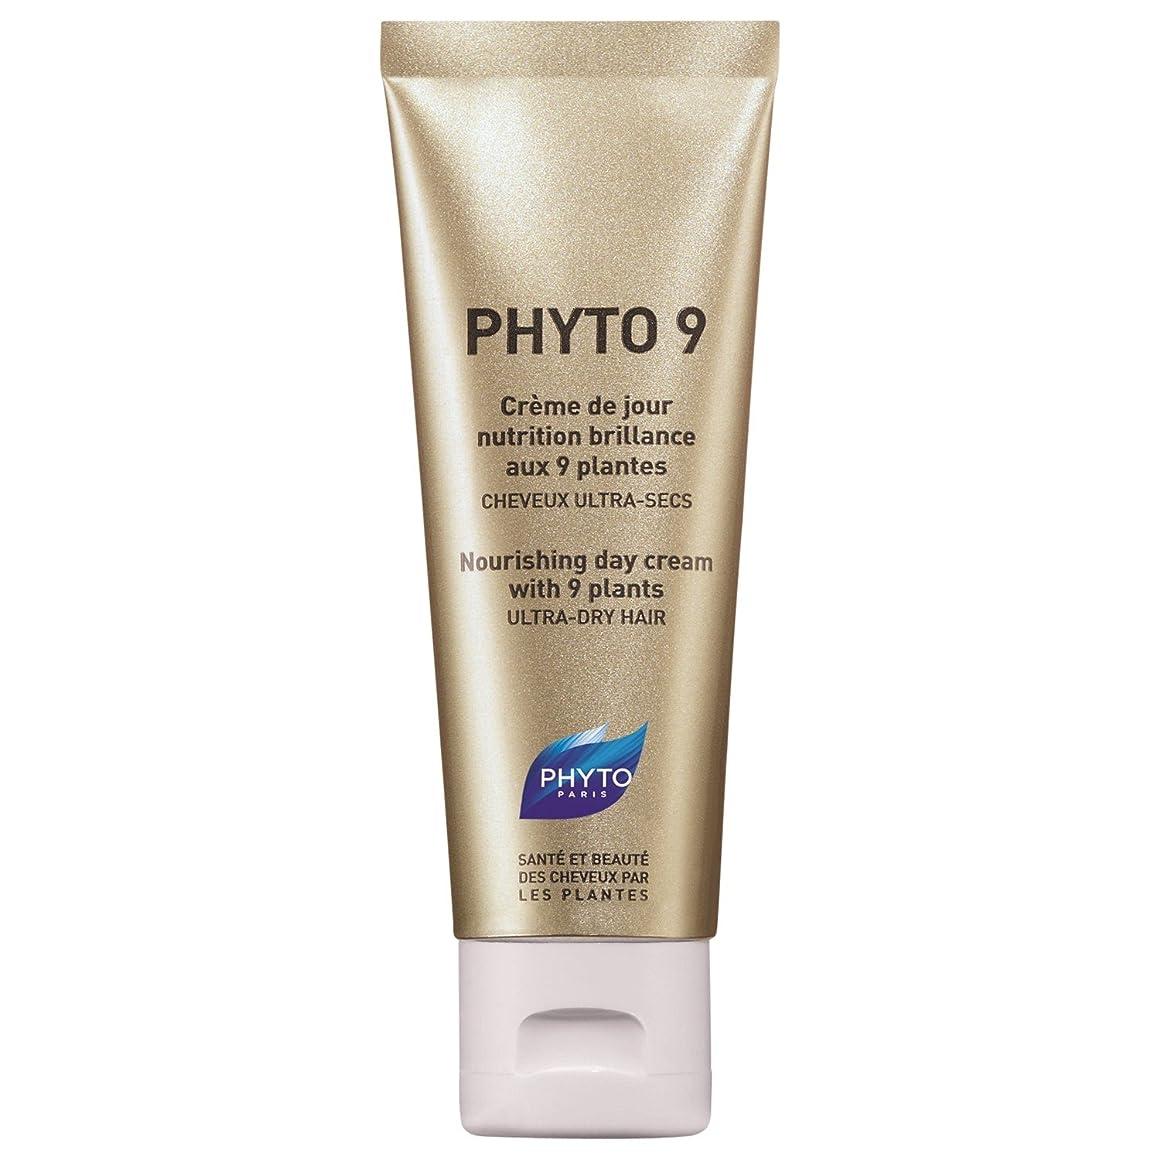 集中的なでるはずフィト9ナリッシュデイクリーム50ミリリットル (Phyto) - Phyto 9 Nourish Day Cream 50ml [並行輸入品]